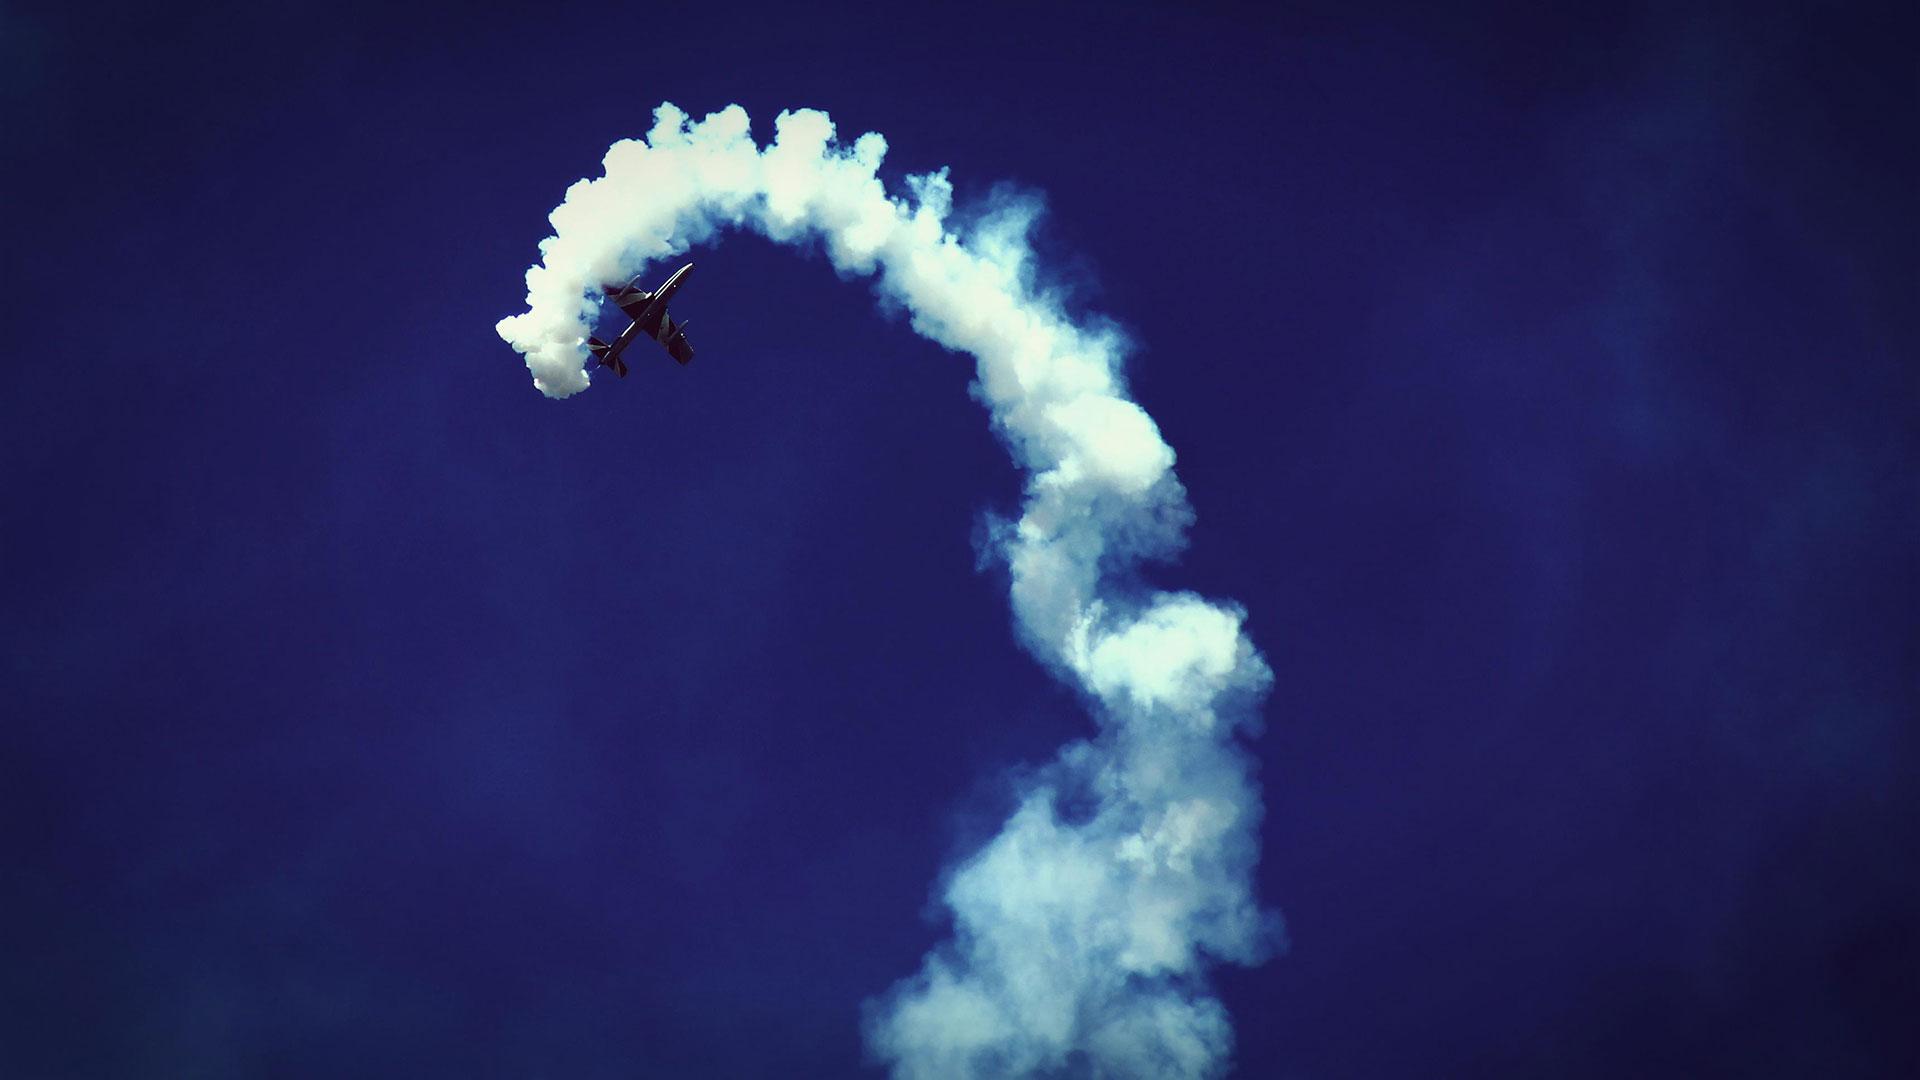 frecce-tricolori-60-anni-pan-pattuglia-acrobatica-nazionale-aeronautica-militare-(41)